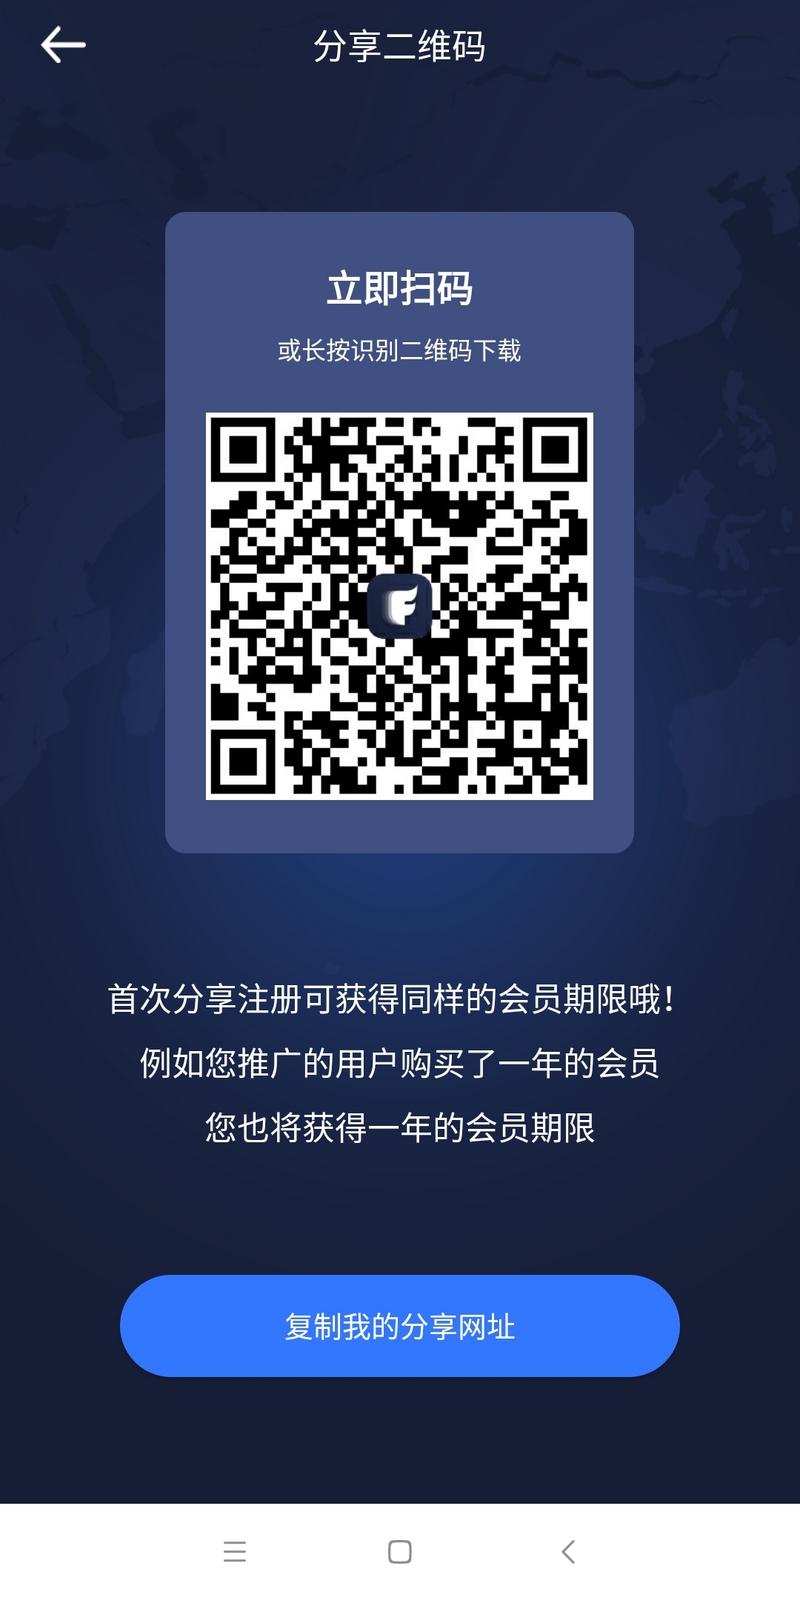 网红柚木无水印原图,视频,25G超大合集-C3动漫网